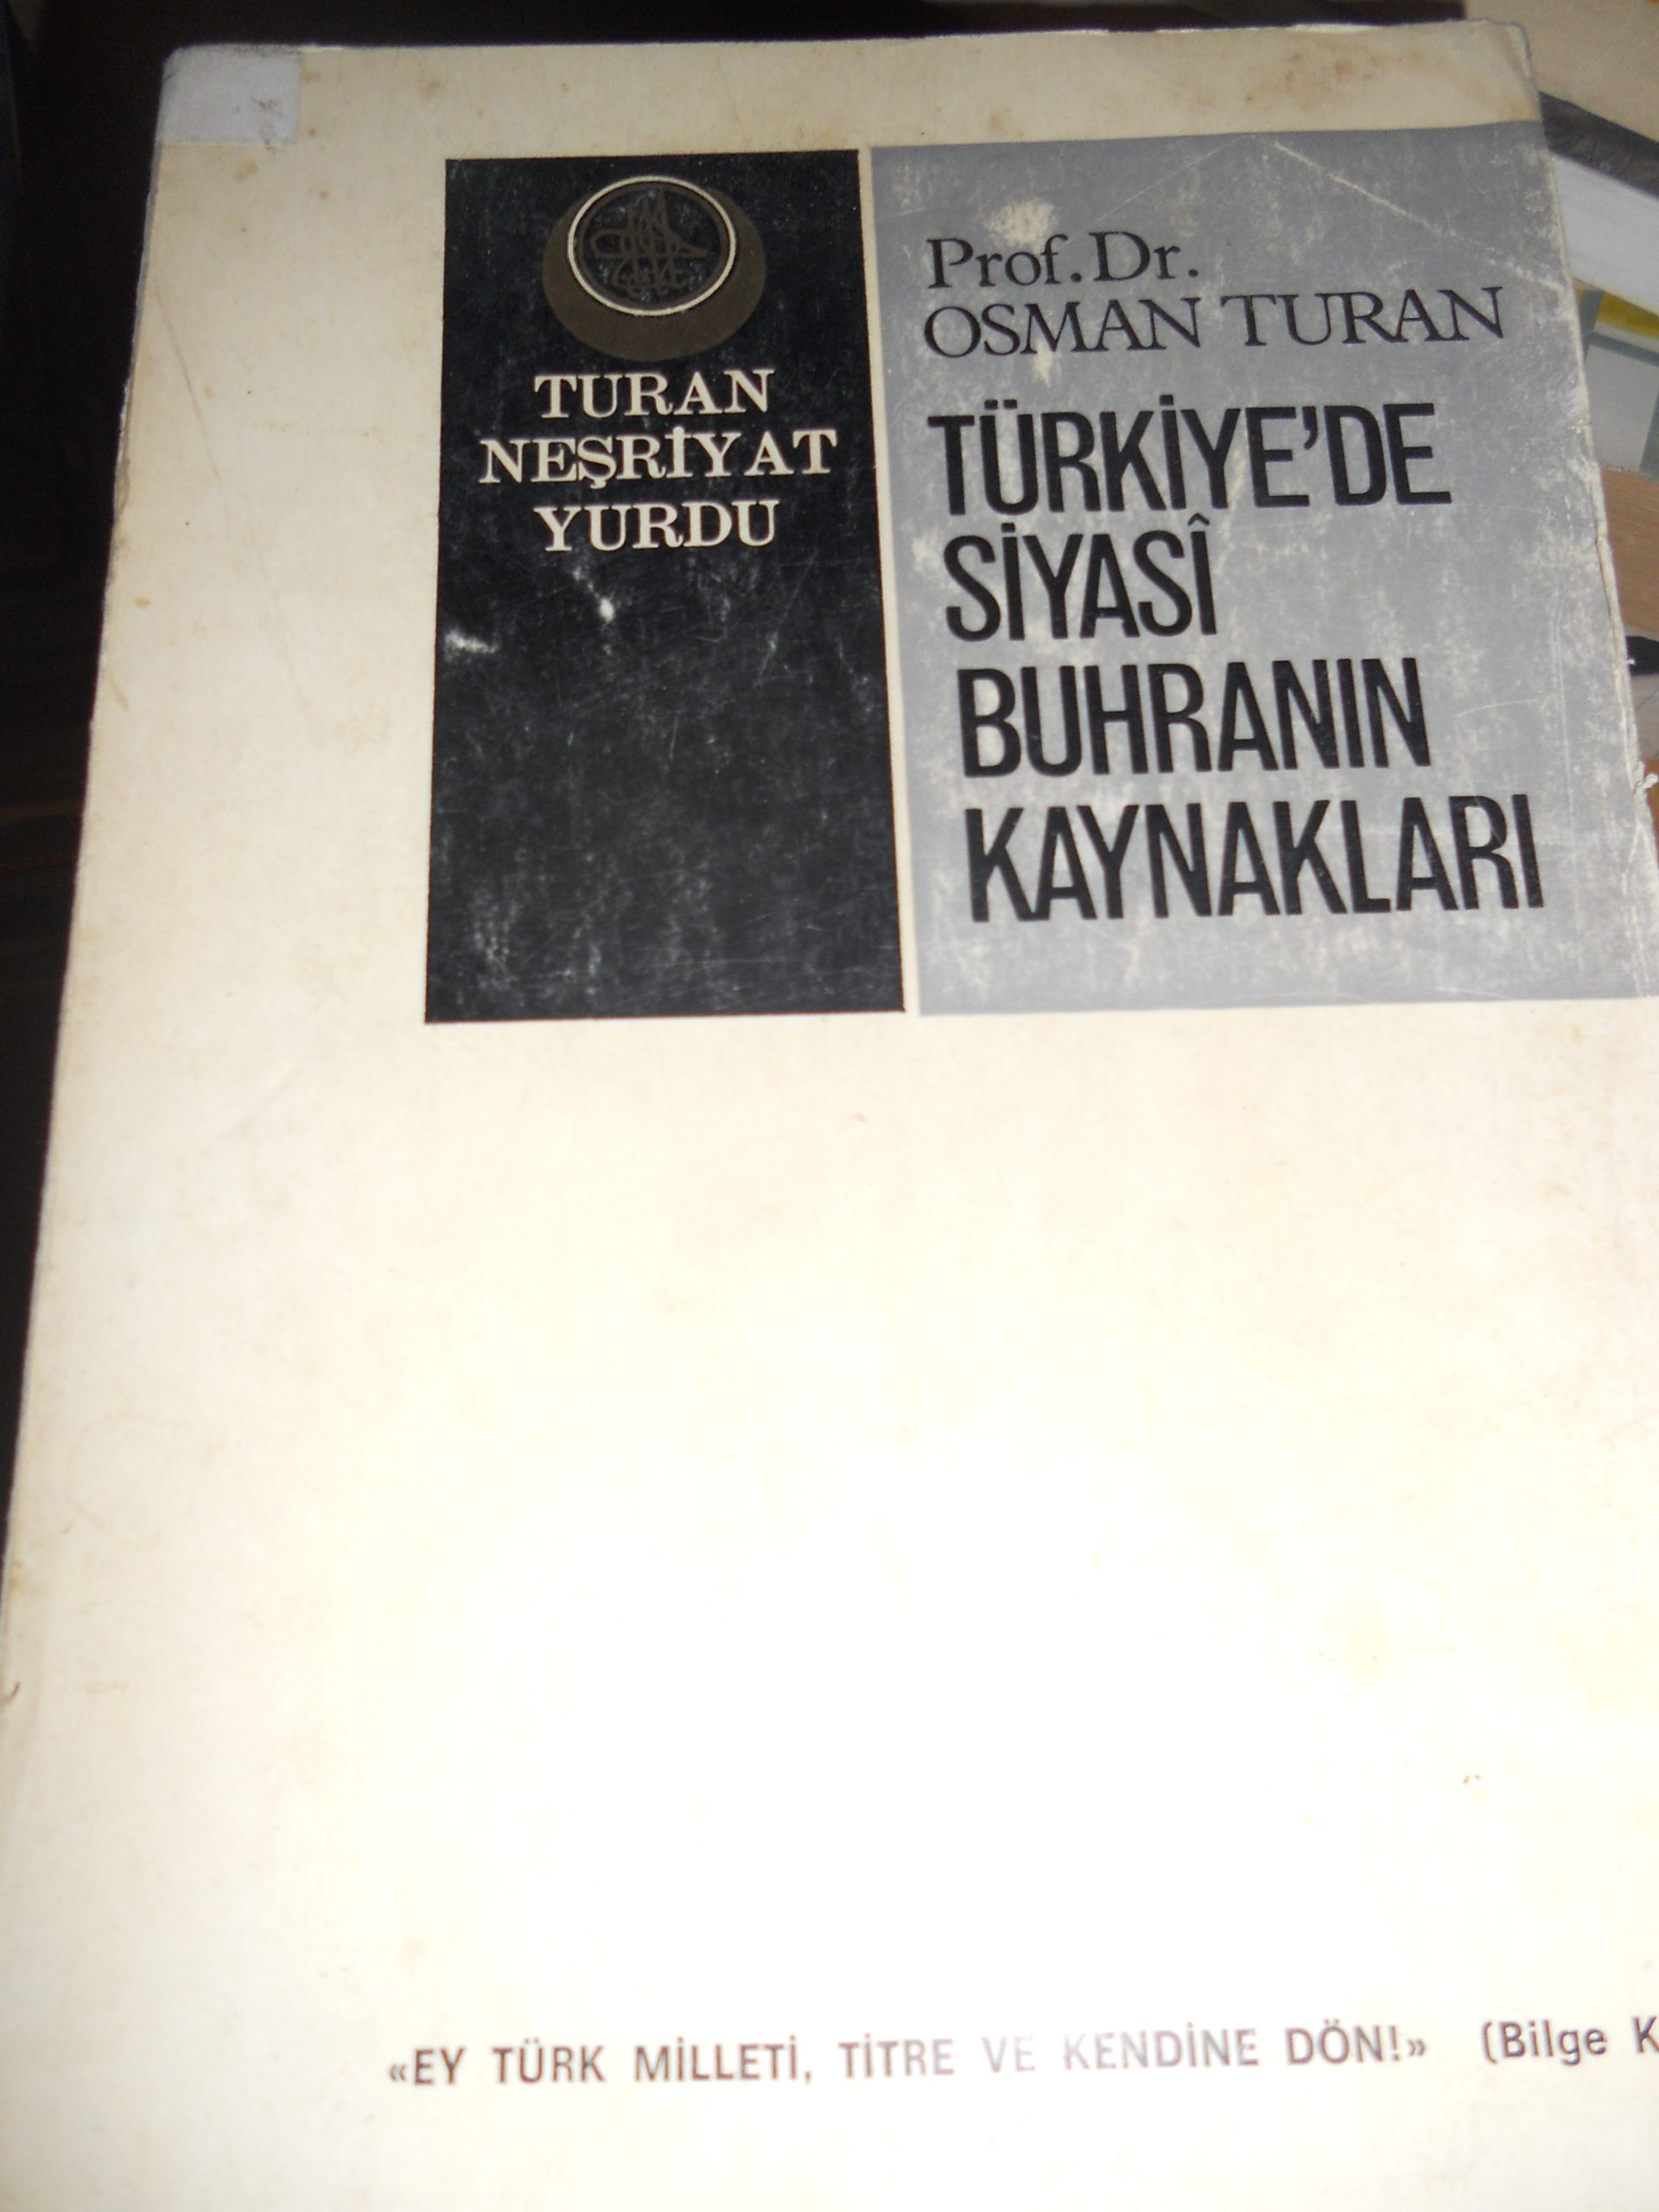 TÜRKİYE'DE SİYASİ BUHRANIN KAYNAKLARI/Prof.Dr.Osman TURAN/15  tl